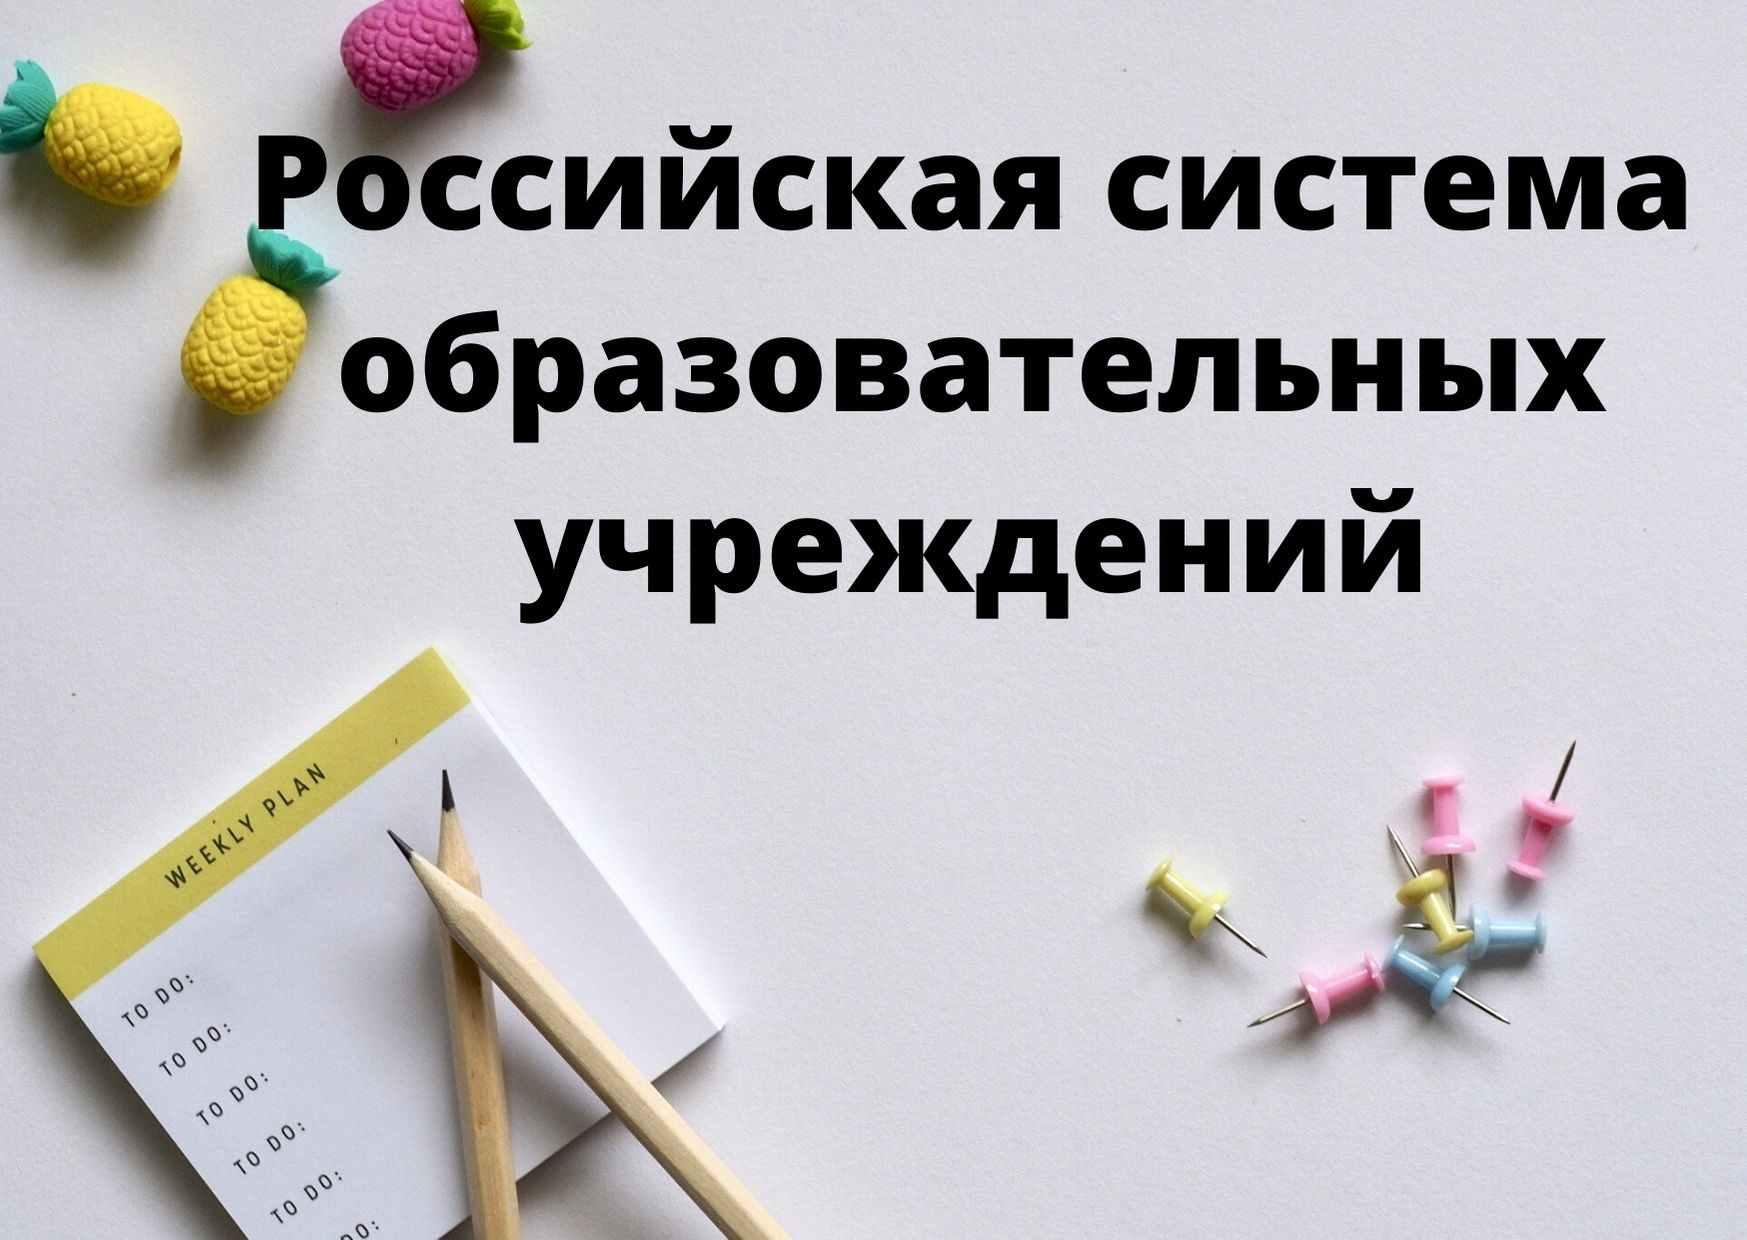 Российская система образовательных учреждений